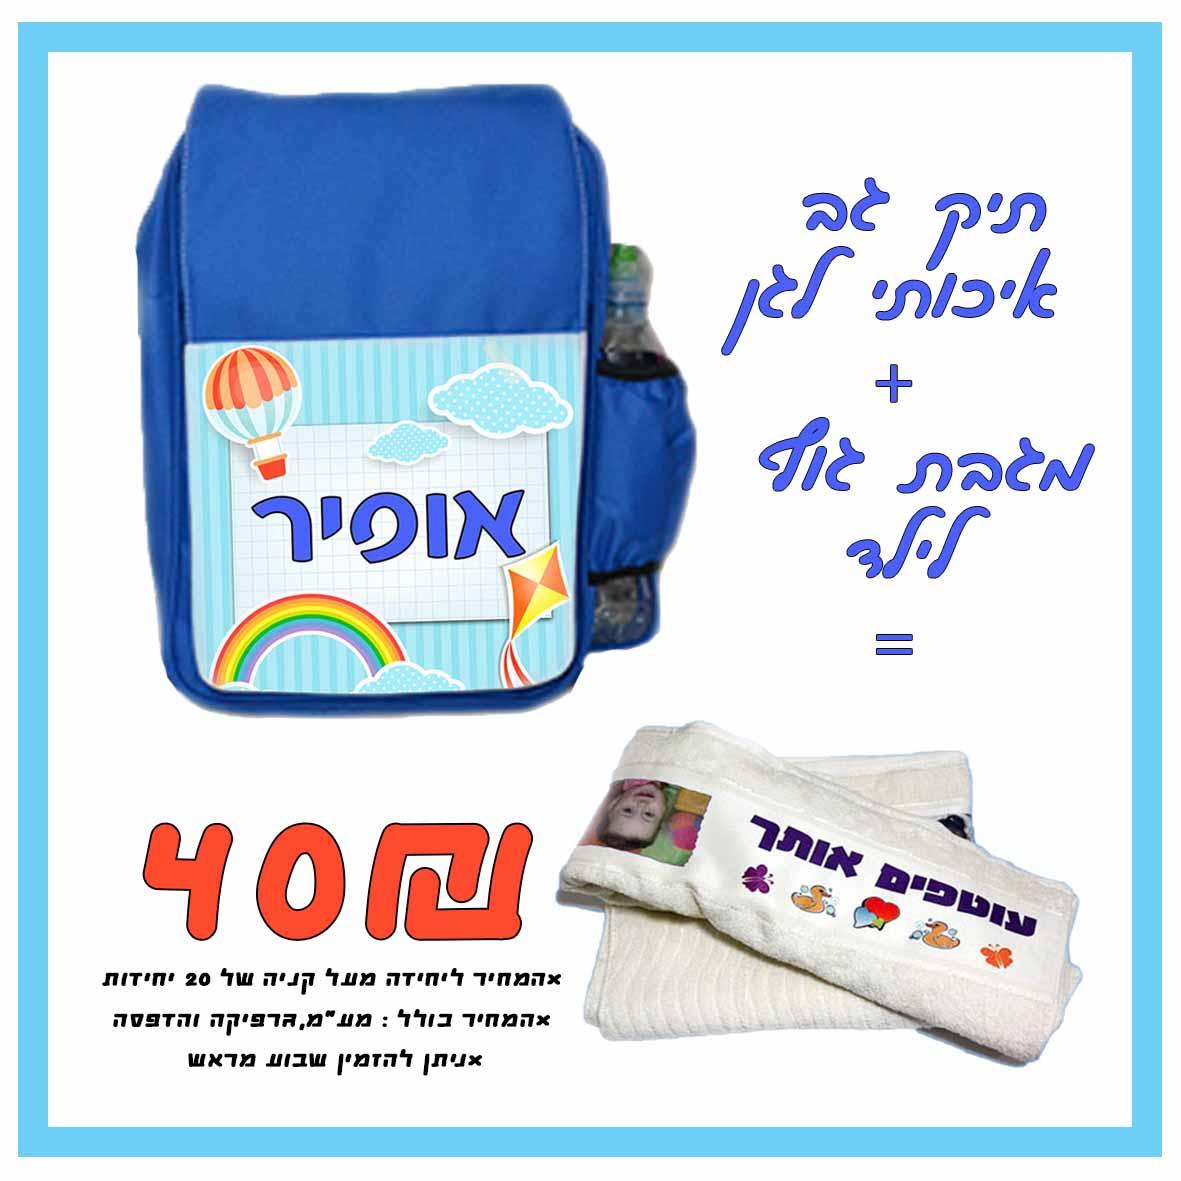 תיק גב איכותי לגן + מגבת גוף לילד/ה